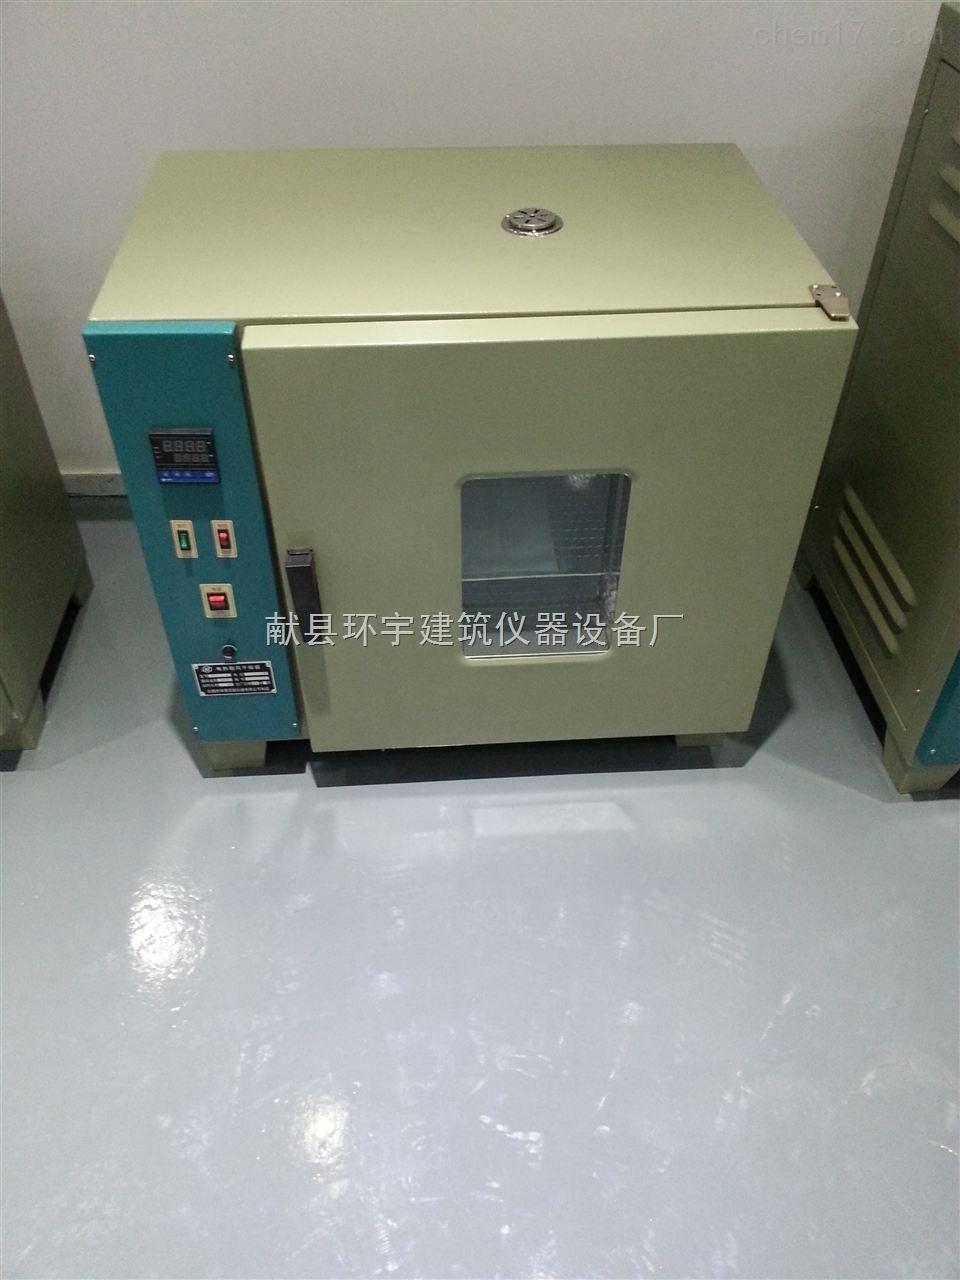 河北献县环宇建筑仪器设备厂